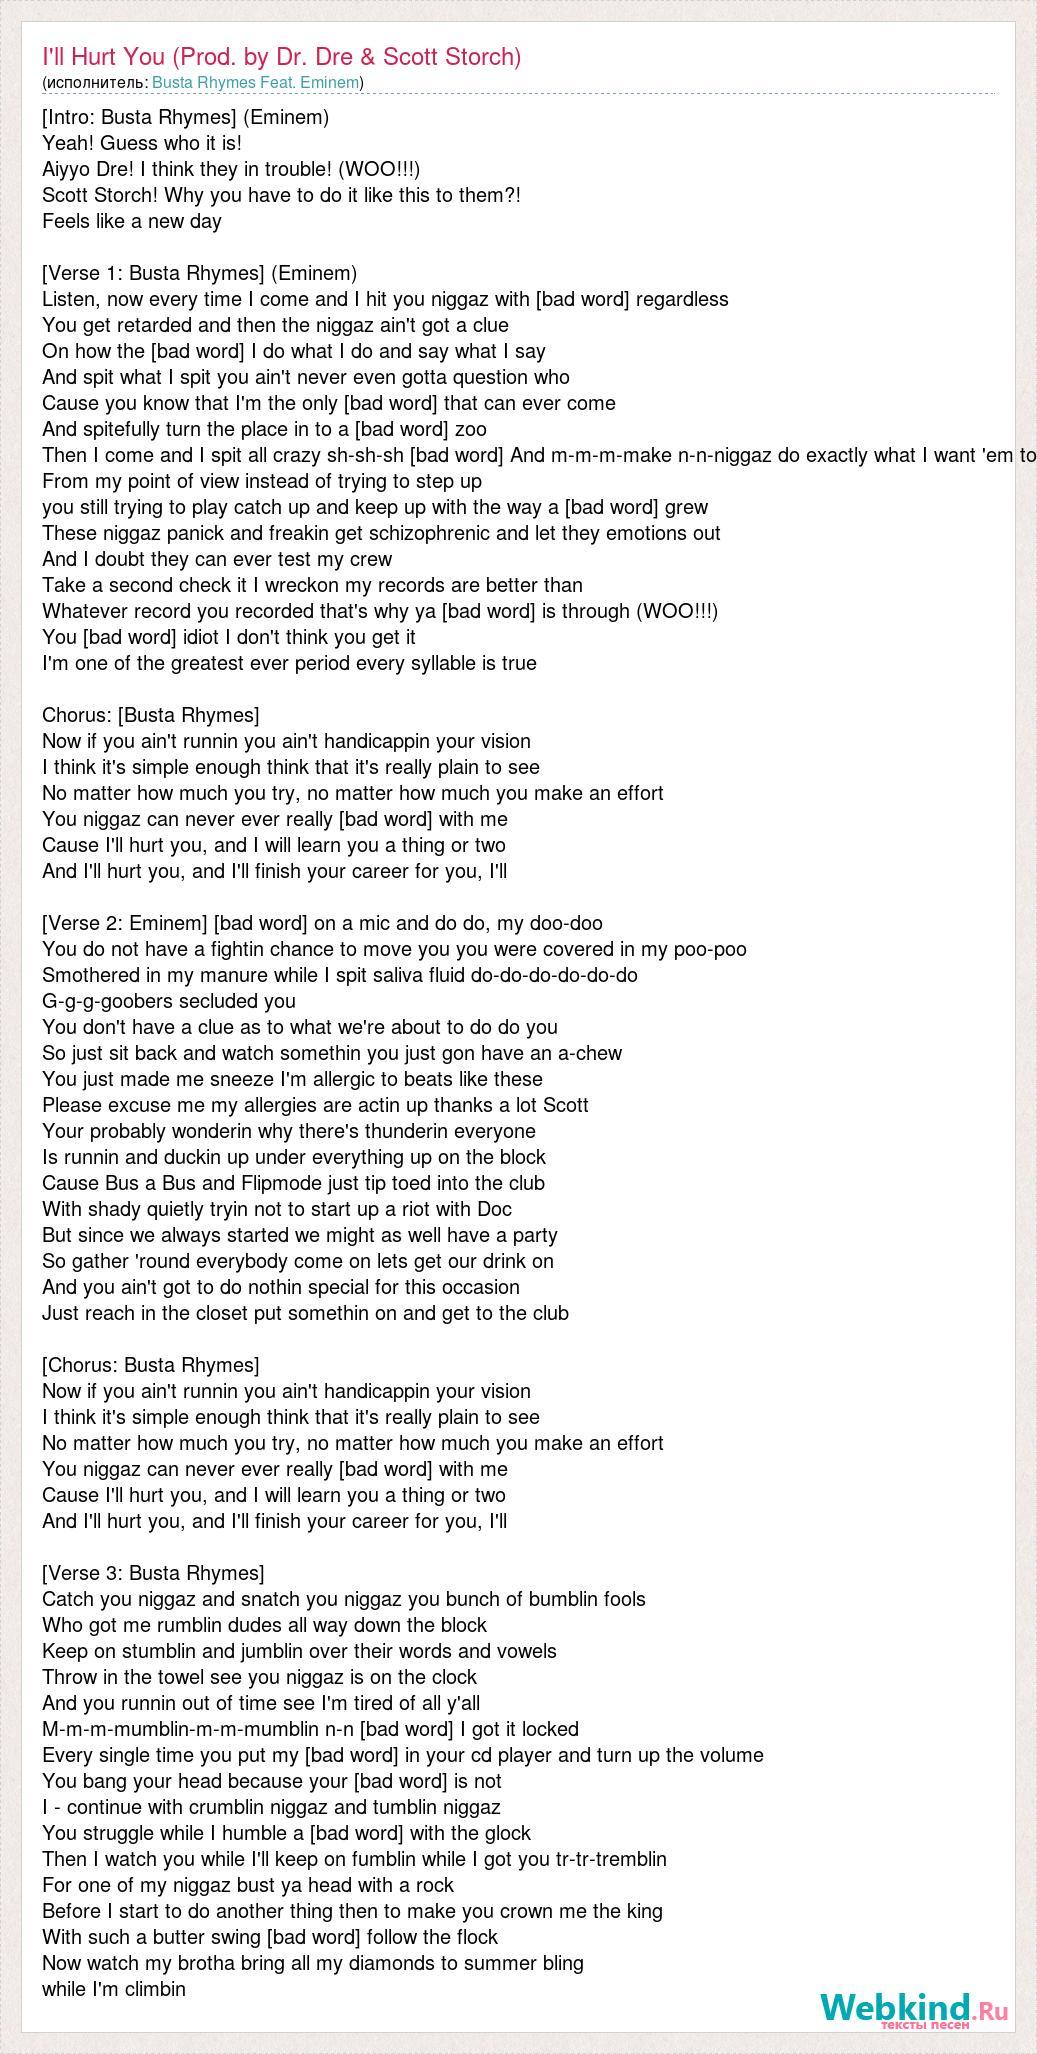 Busta Rhymes Feat  Eminem: I'll Hurt You (Prod  by Dr  Dre & Scott